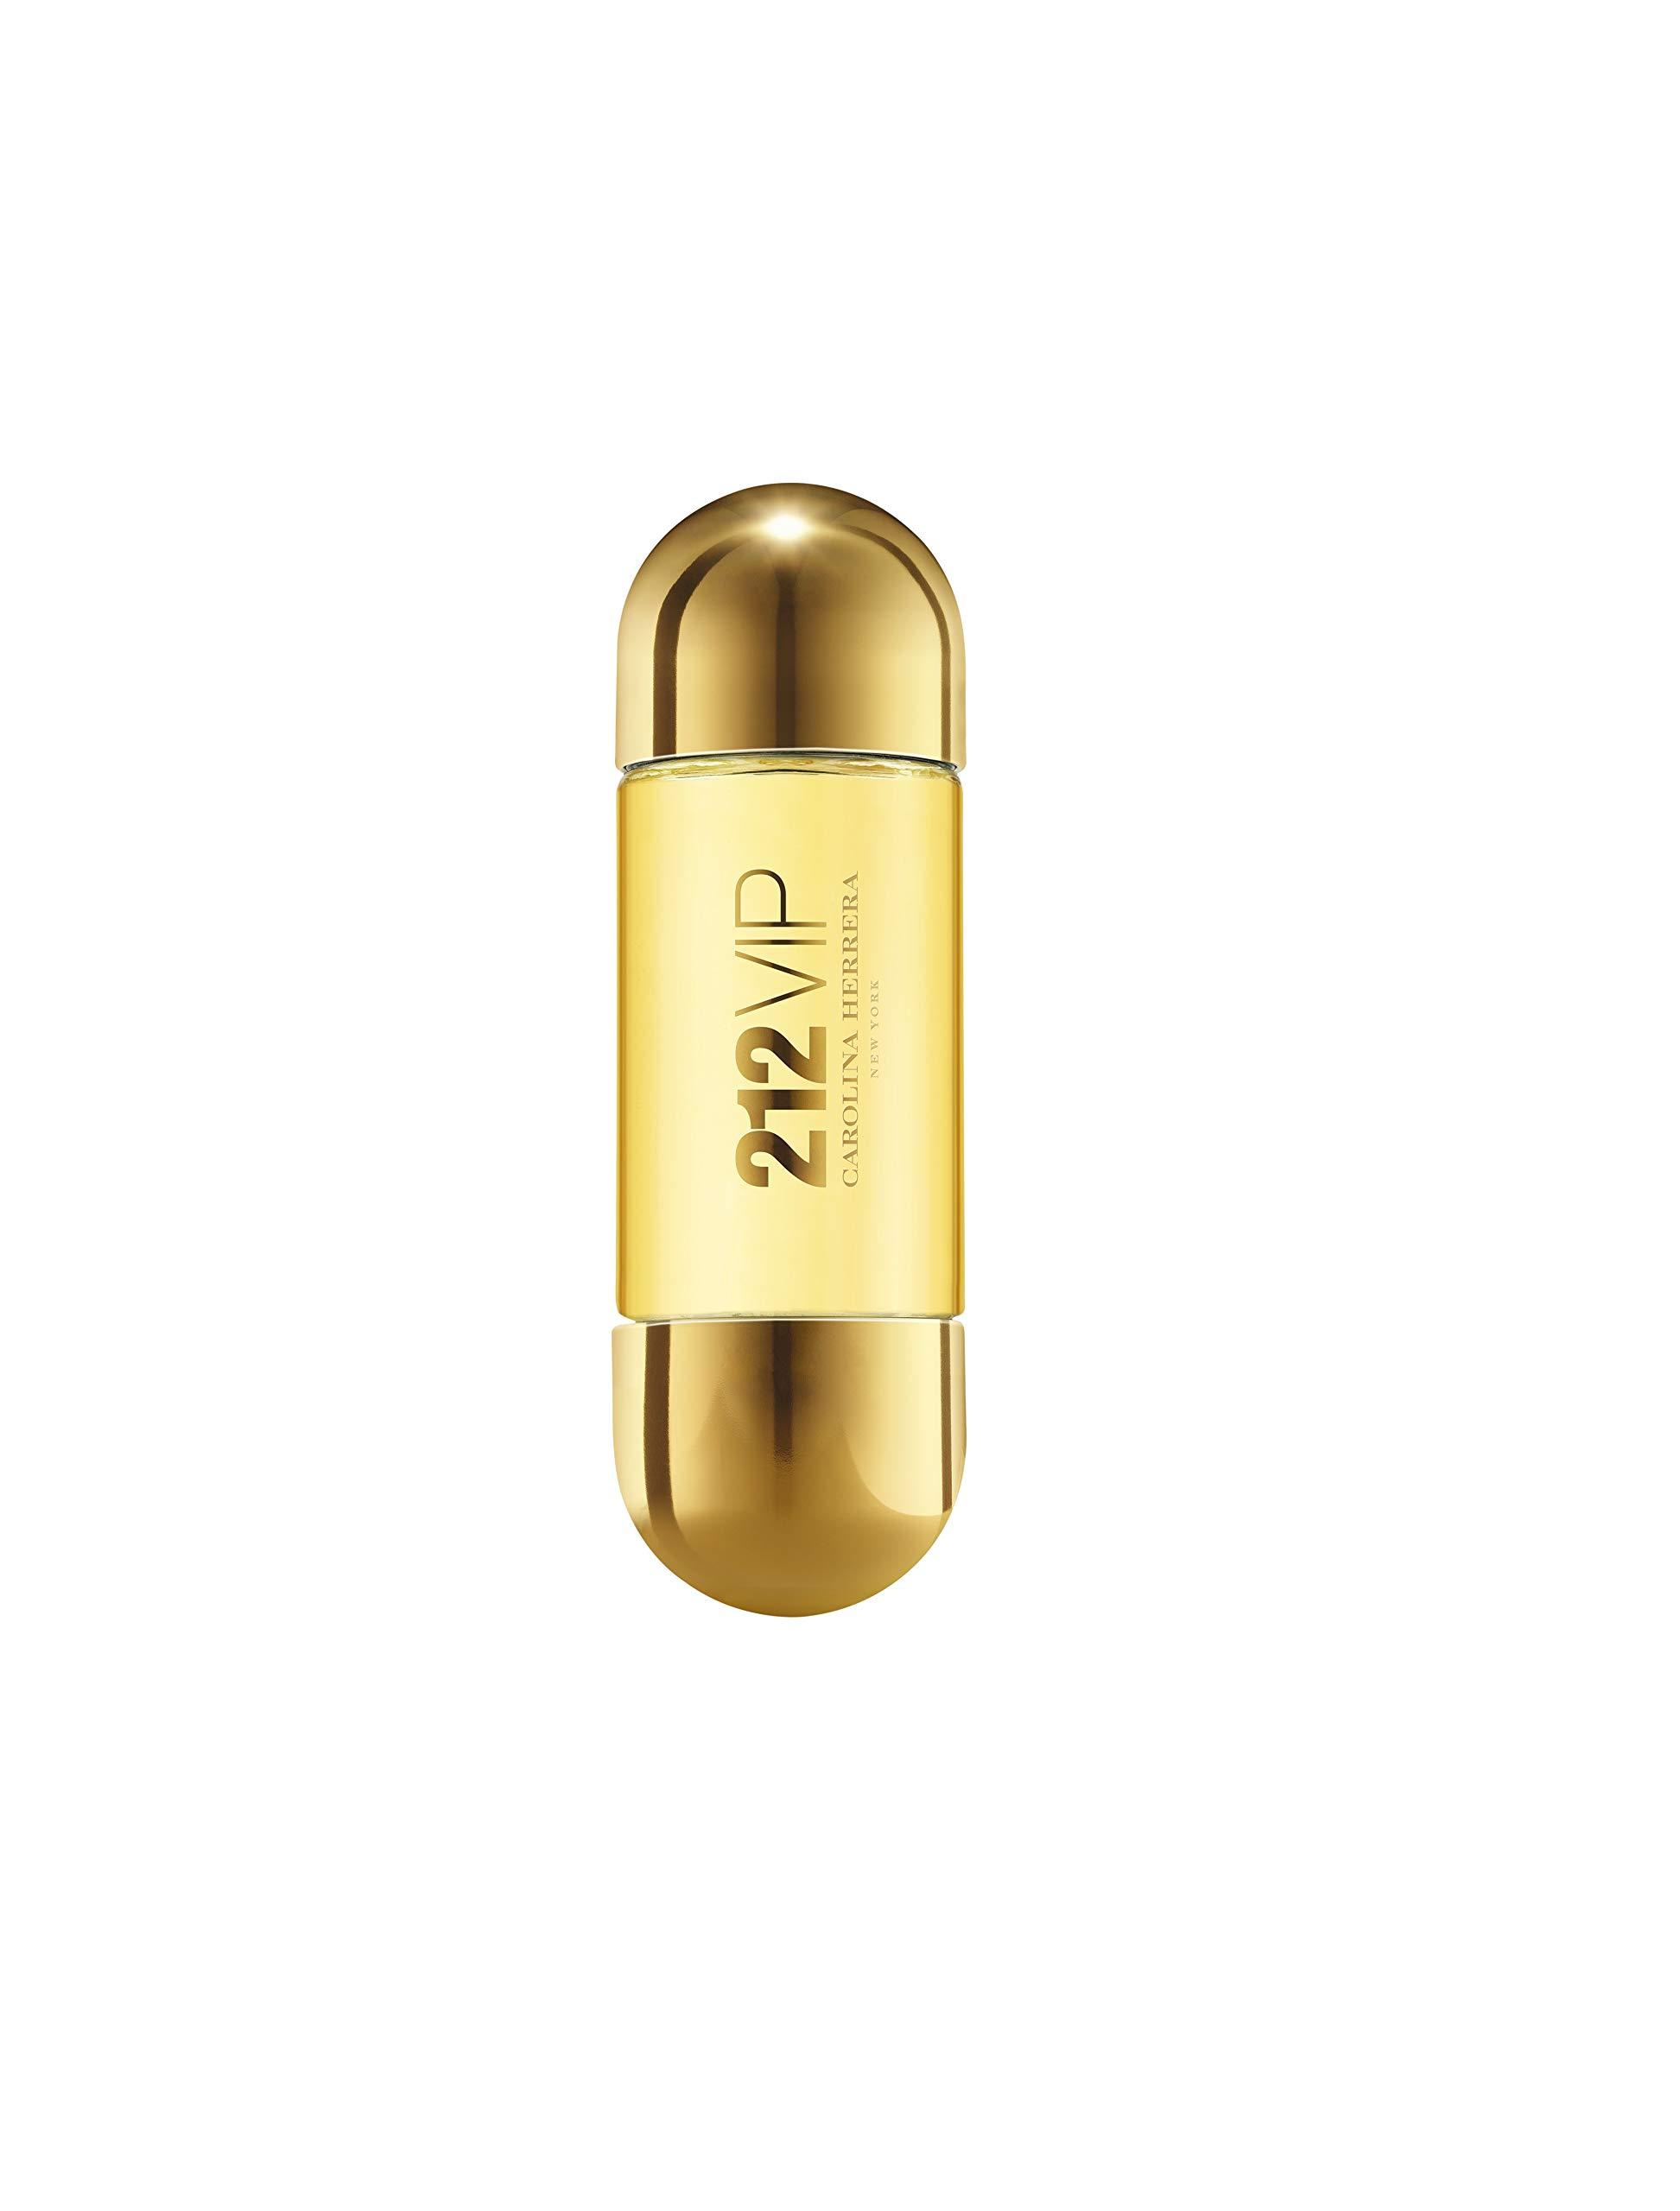 Amazoncom 212 Vip By Carolina Herrera Eau De Parfum Spray For